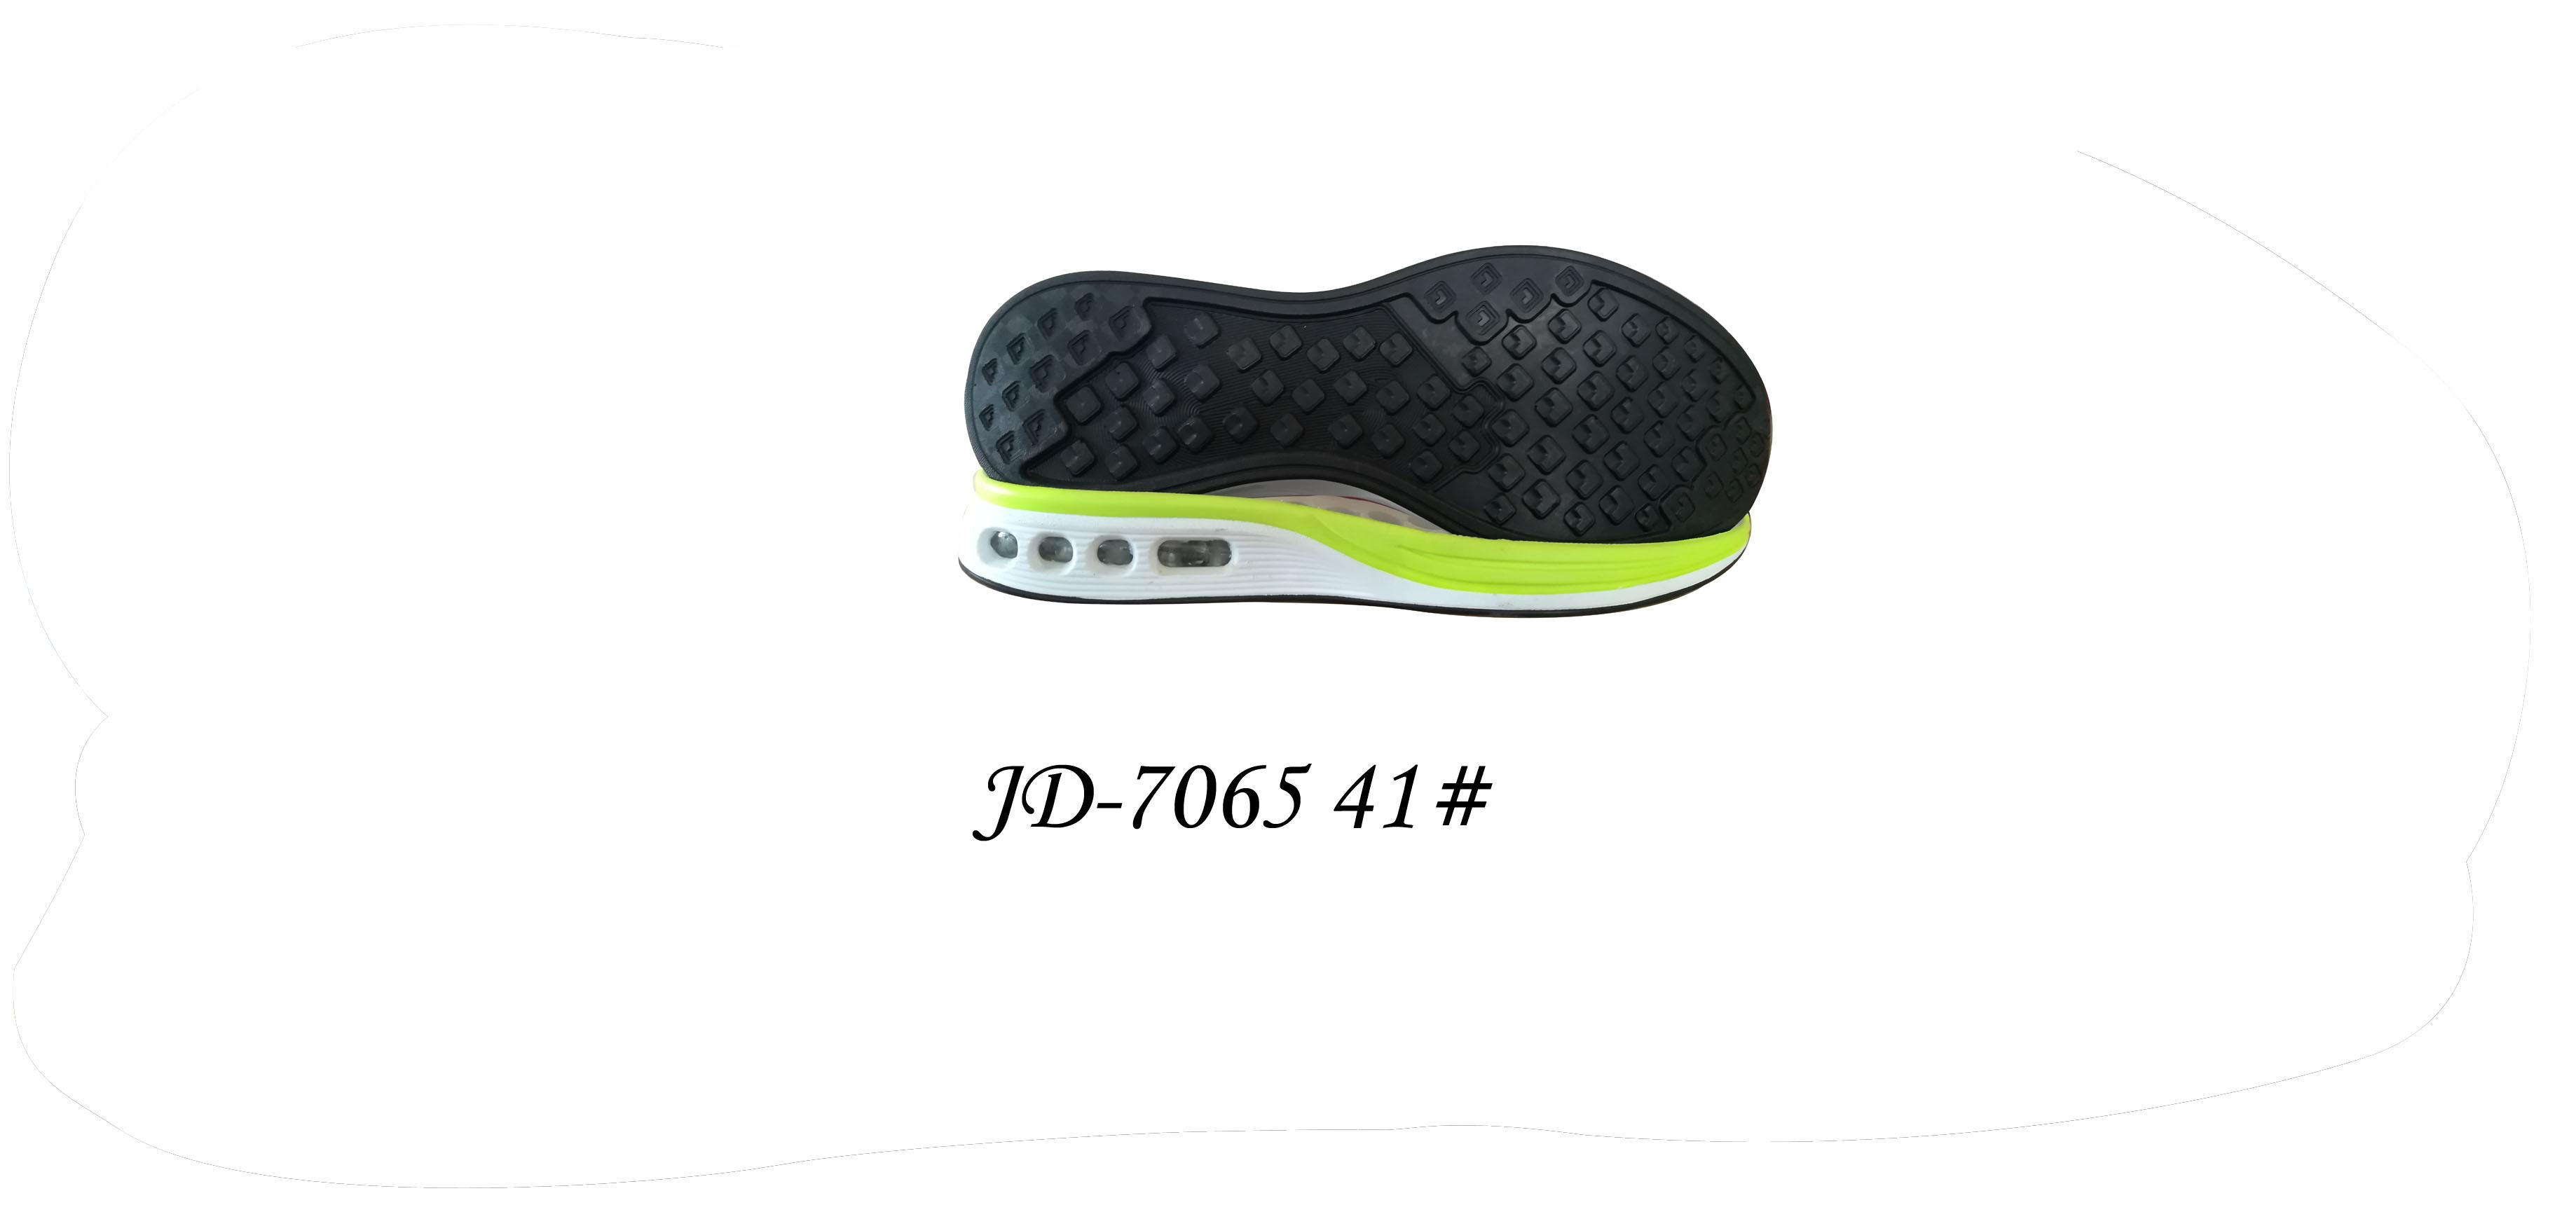 鞋底 PU 男段 休闲鞋 三色 41 一体 JD-7065